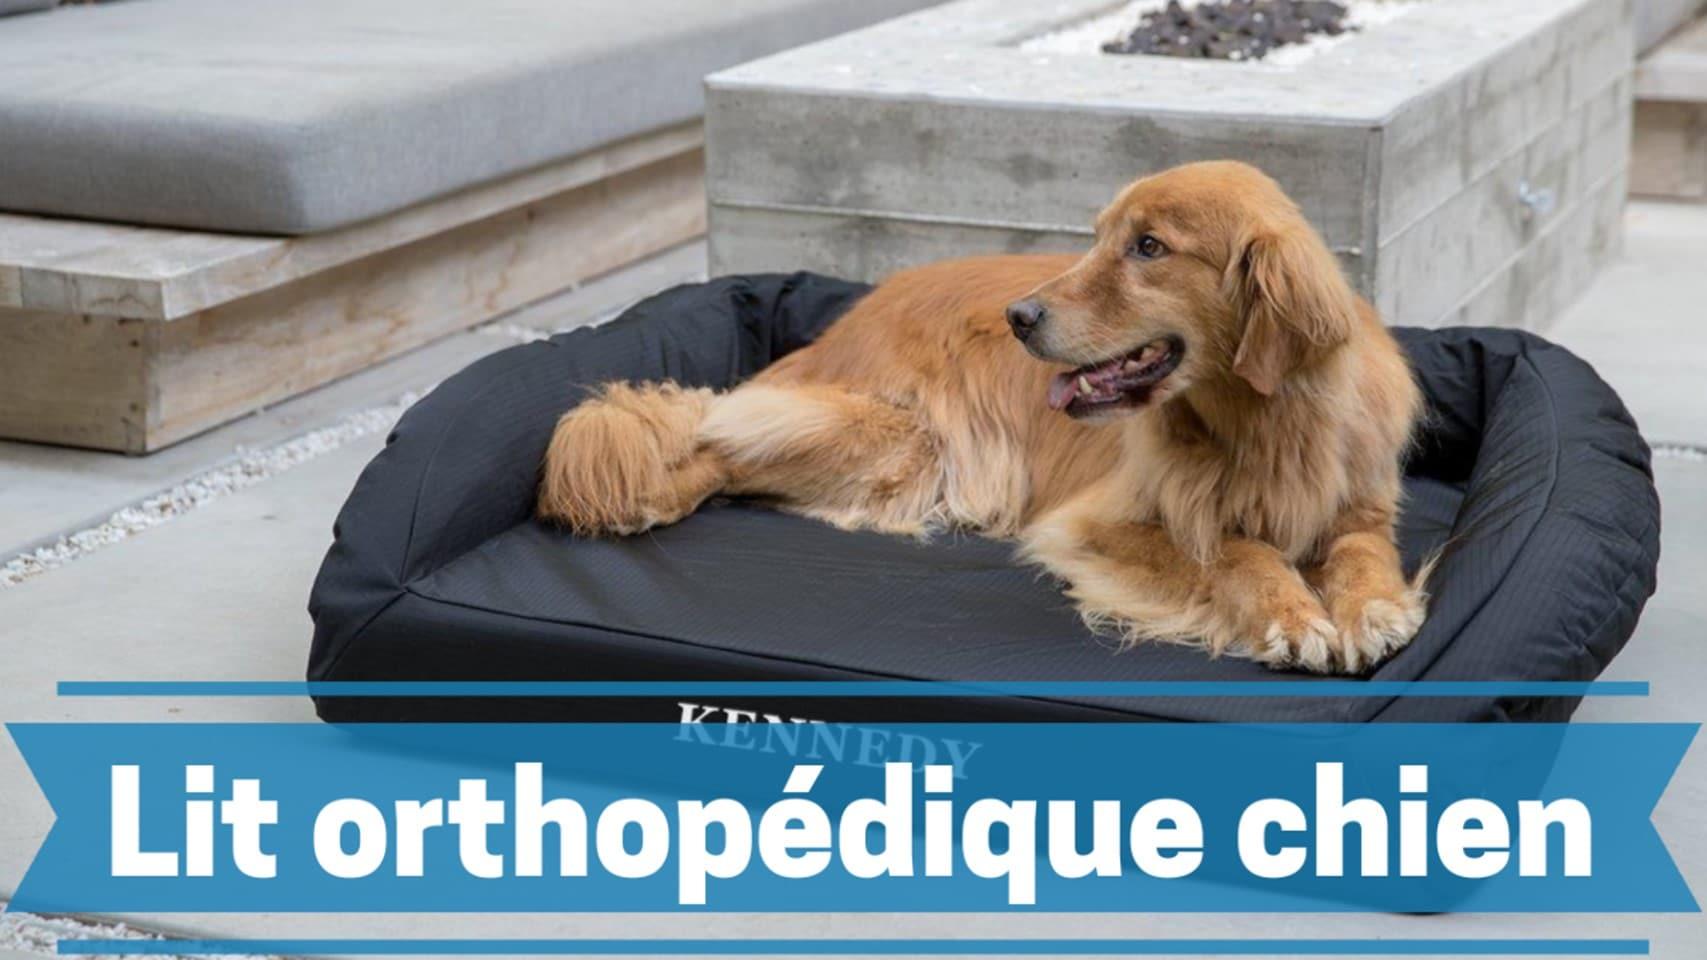 meilleur lit orthopedique pour chien comparatif guide achat avis